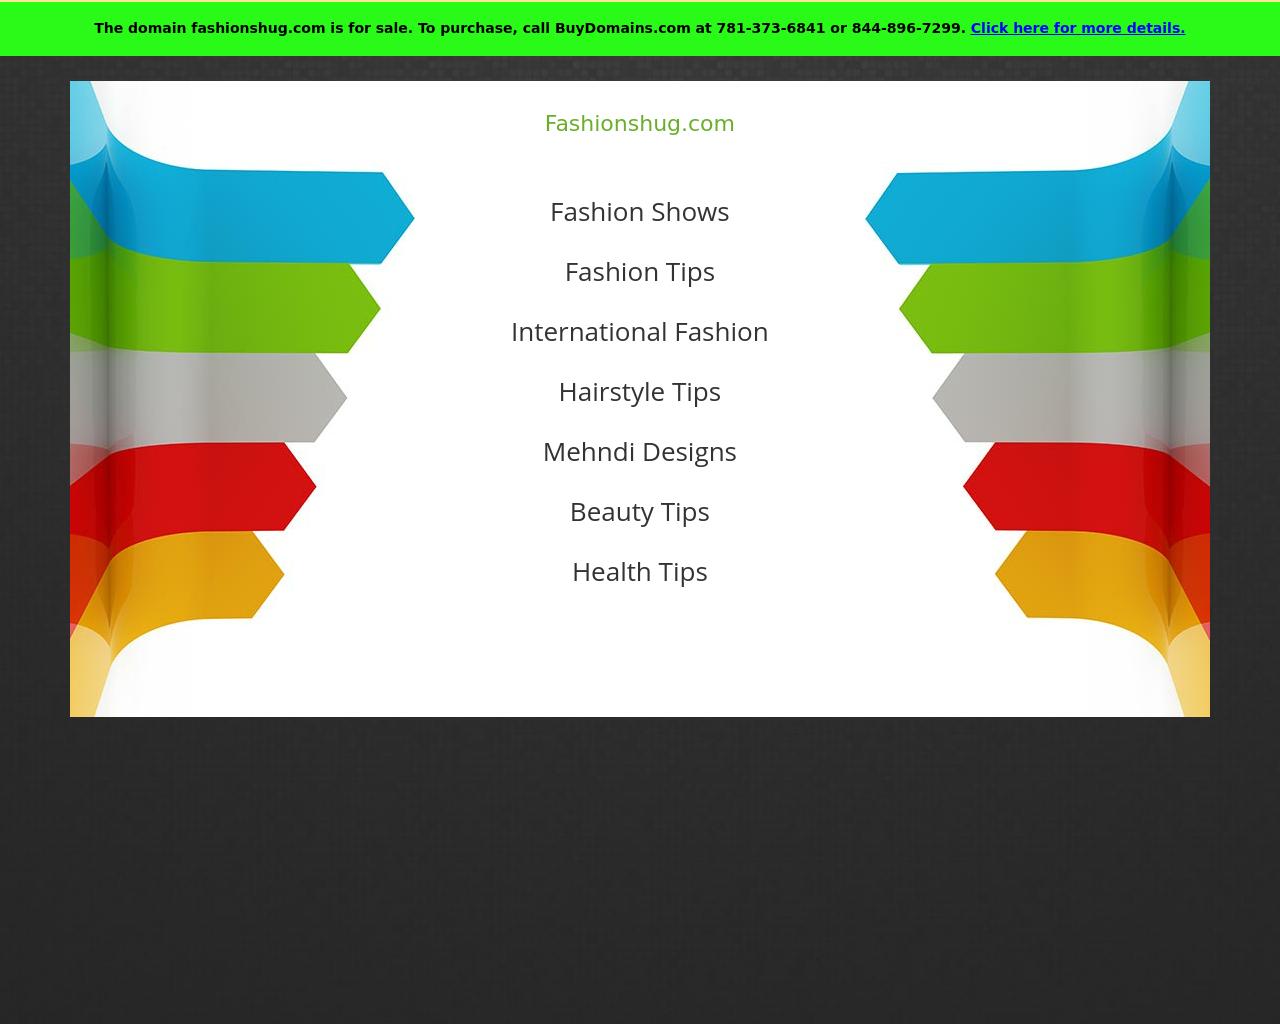 Fashionshug.com-Advertising-Reviews-Pricing